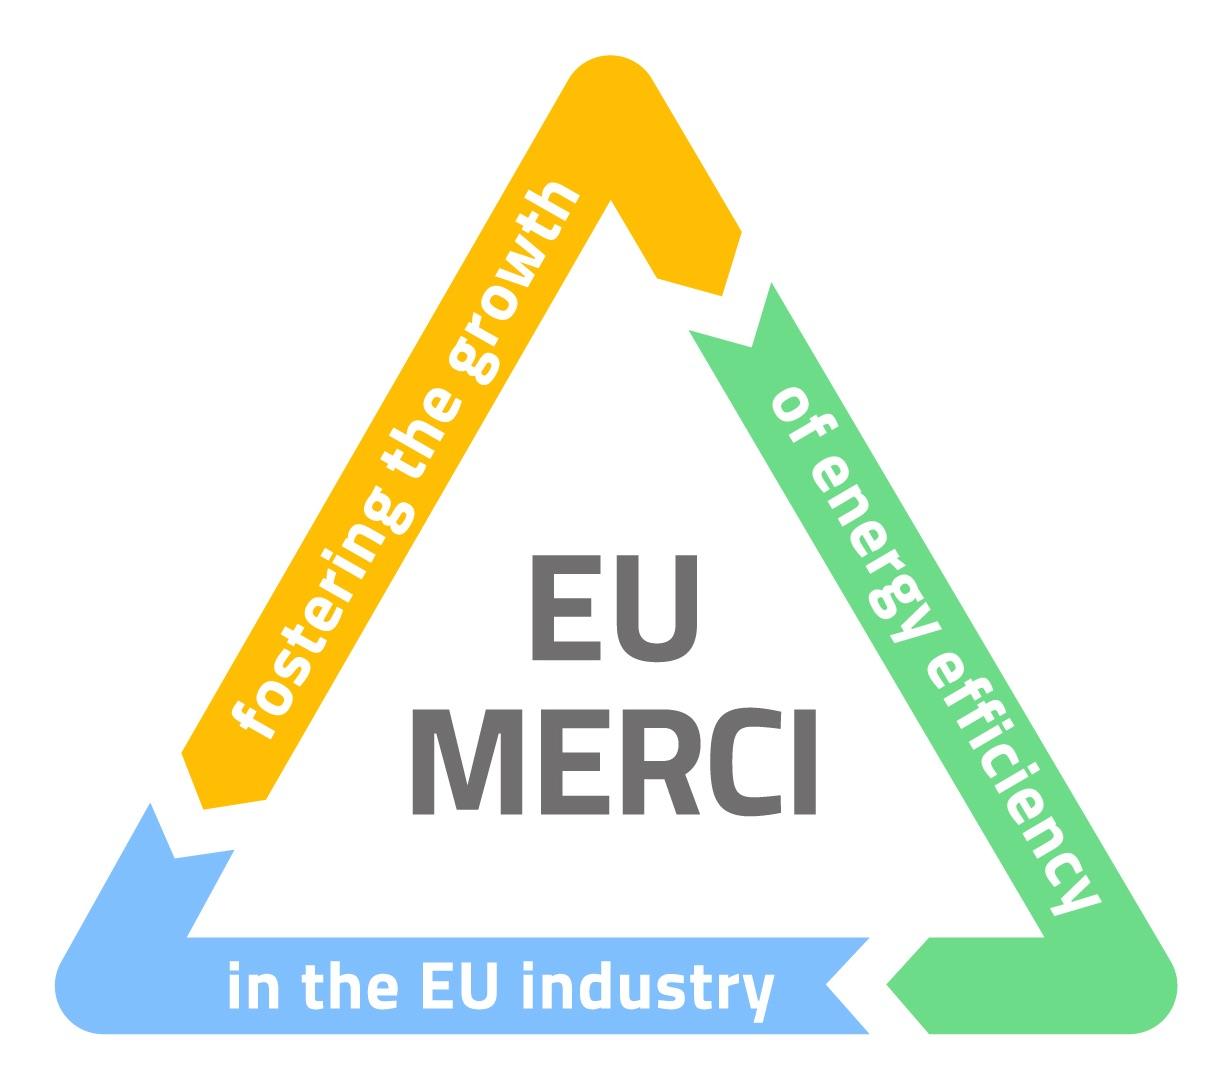 EU-MERCI